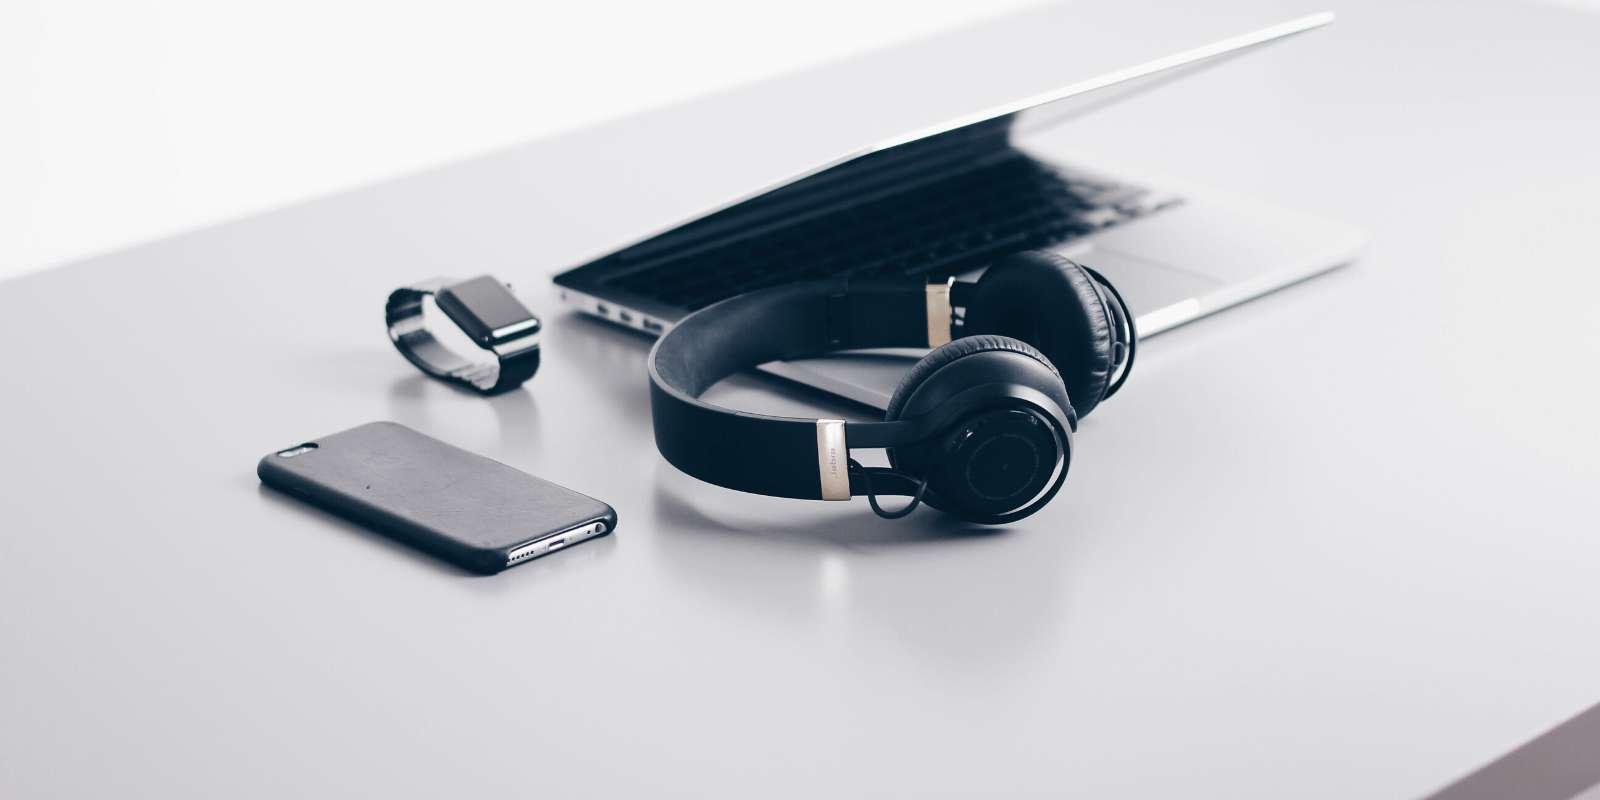 Avec les marques Bose et Marshall, Sennheiser s'impose comme l'un des leaders sur le marché des casques audio bluetooth intelligents. © Unsplash